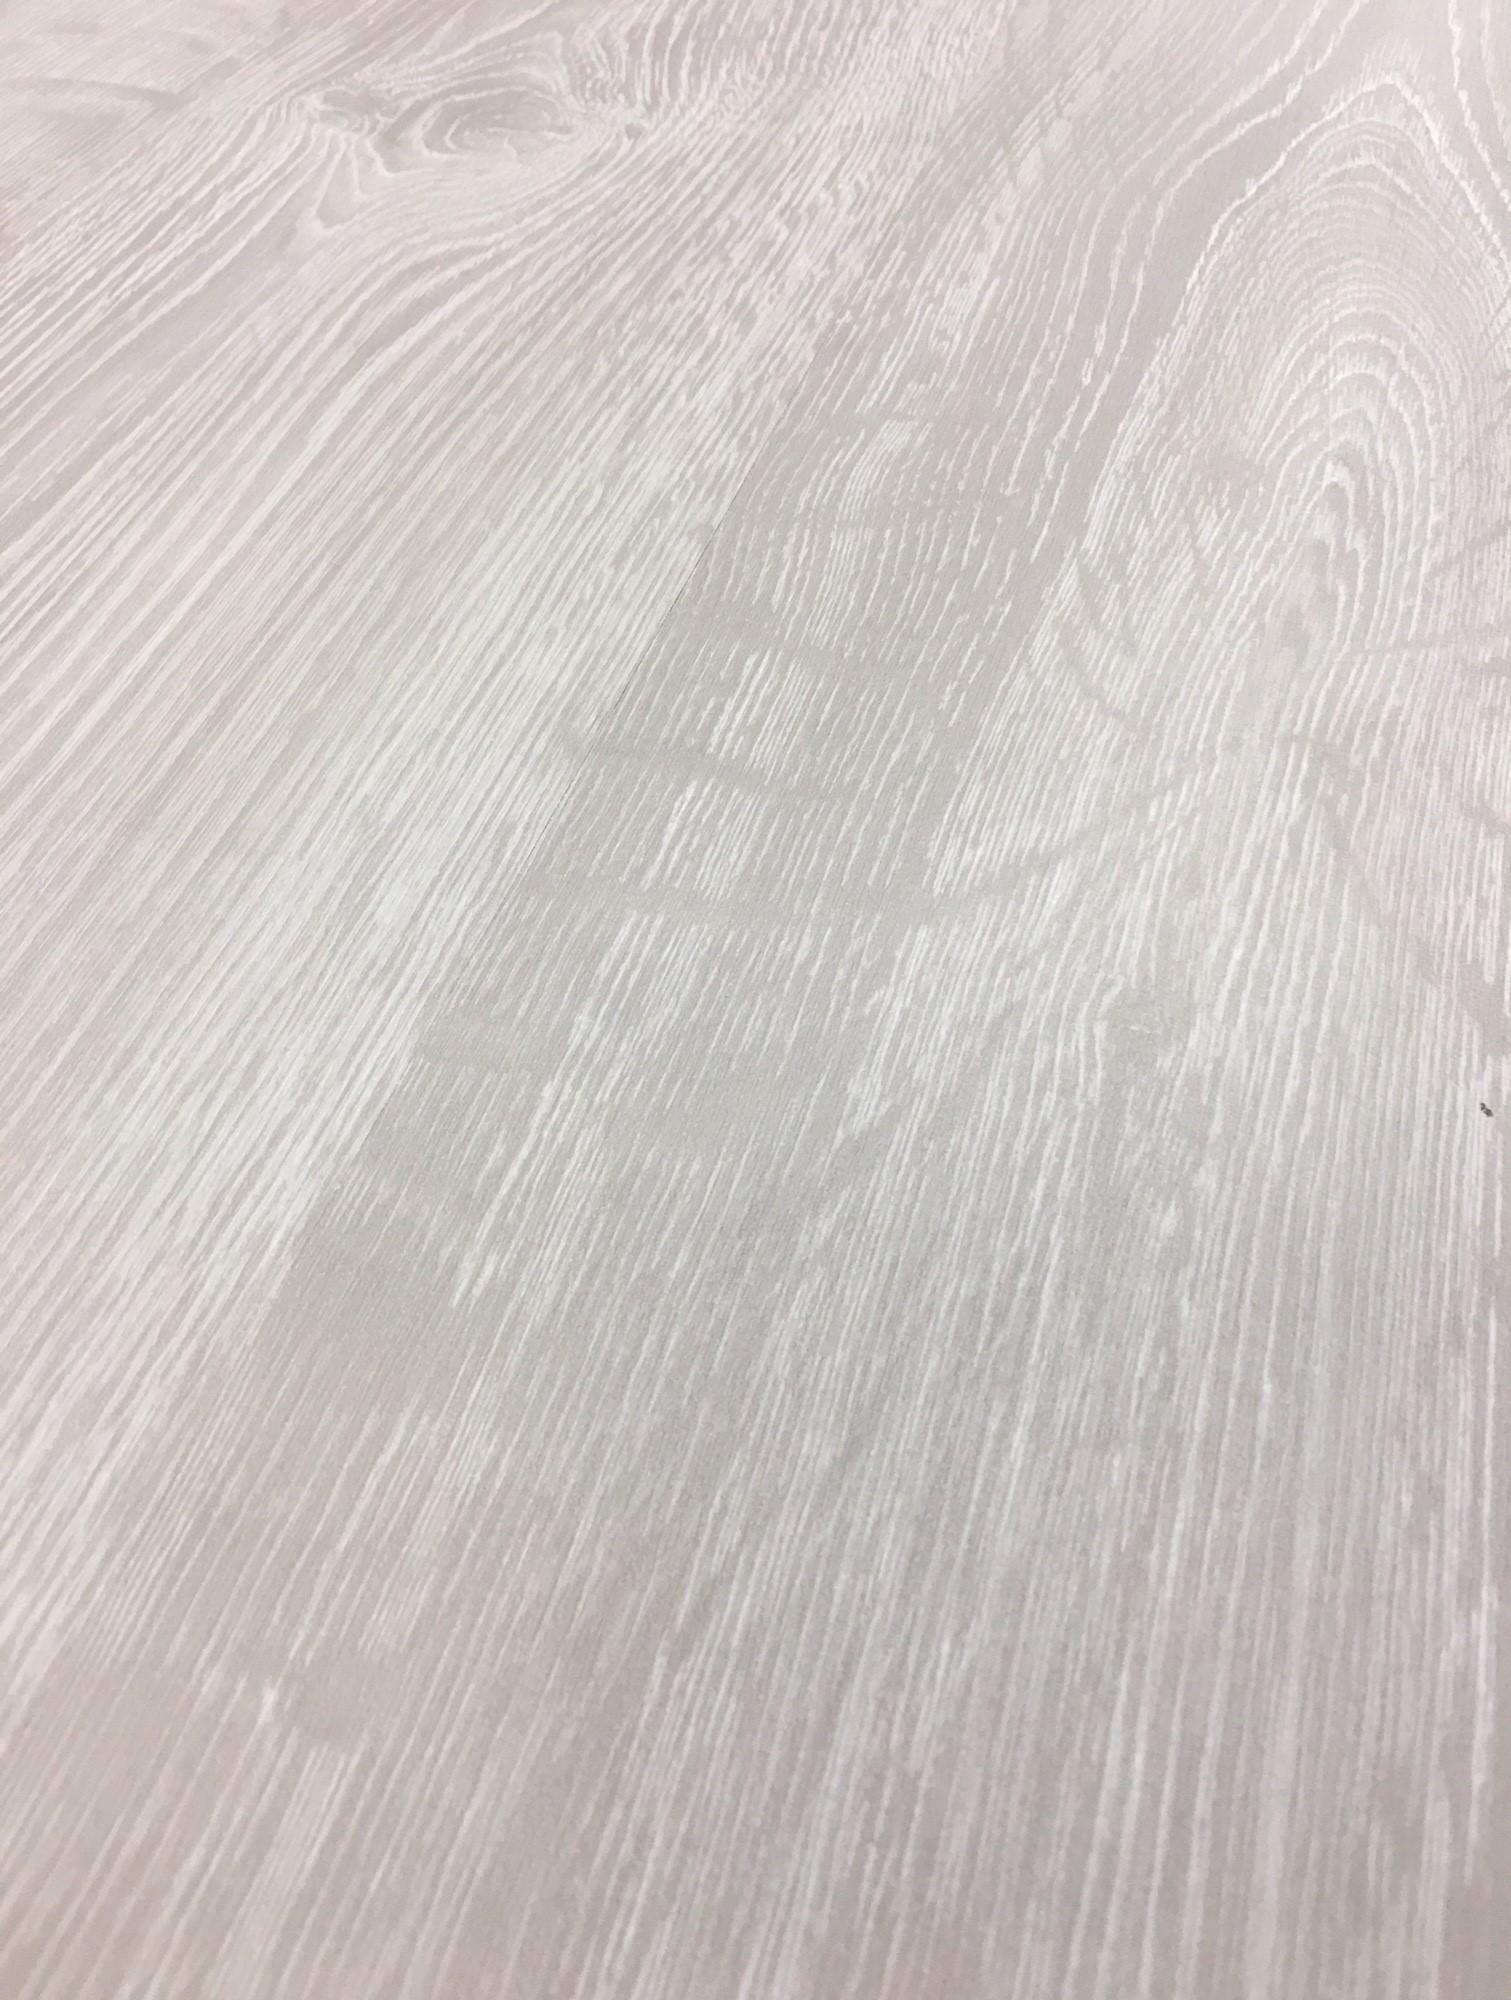 Gres Porcellanato Rovere Sbiancato Prezzo laminato effetto legno rovere deck sbiancato ac5 bertolani store